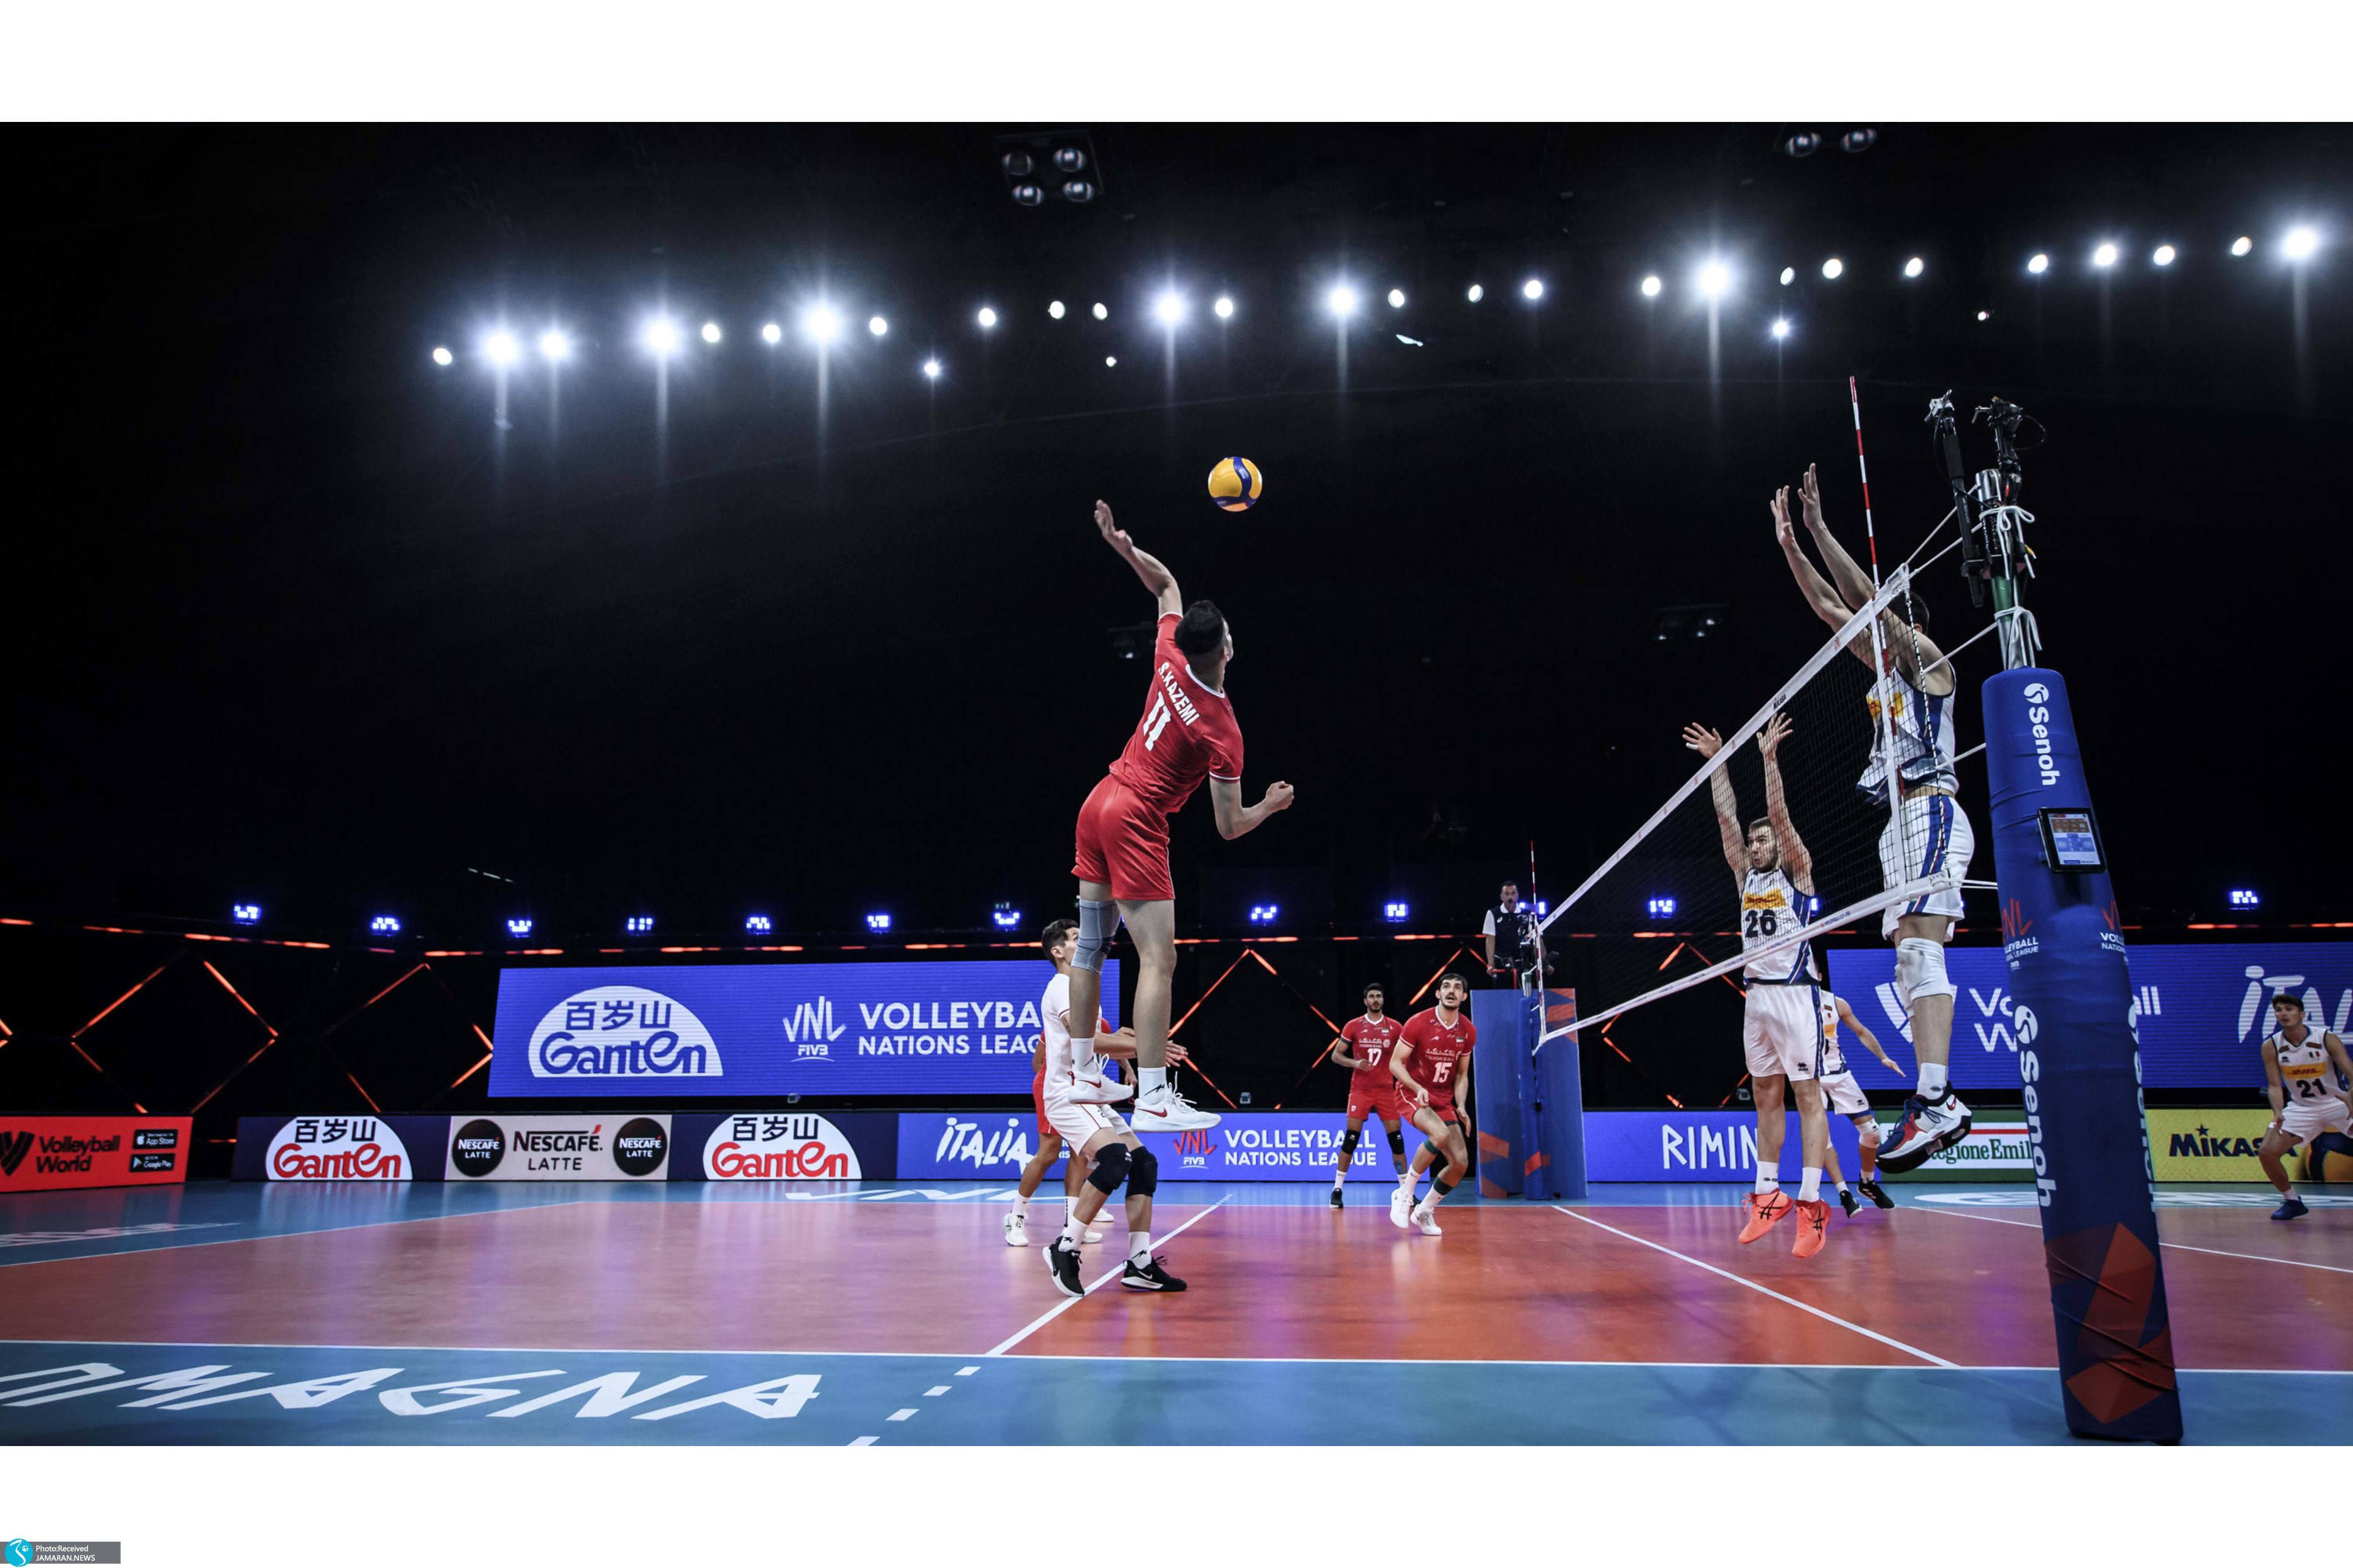 لیگ ملت های والیبال ۲۰۲۱ تیم ملی والیبال ایران ایران و ایتالیا